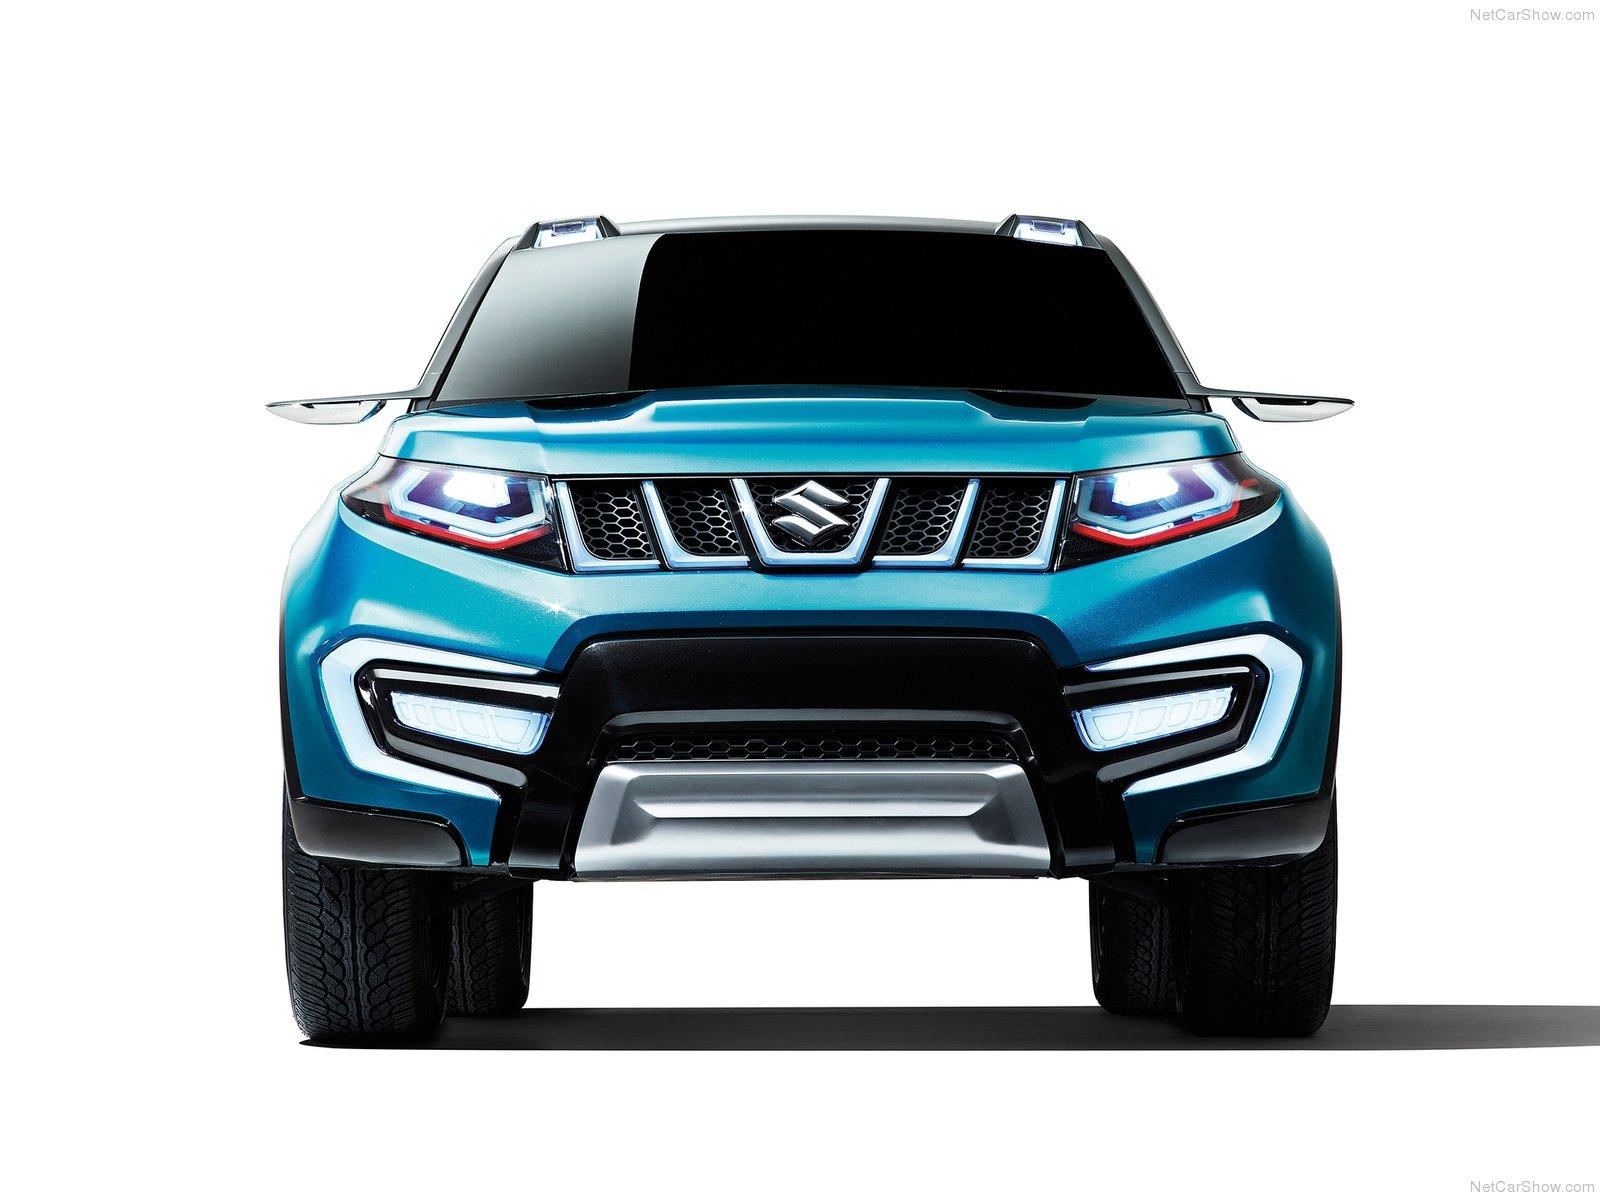 Hình ảnh xe ô tô Suzuki iV-4 Concept 2013 & nội ngoại thất